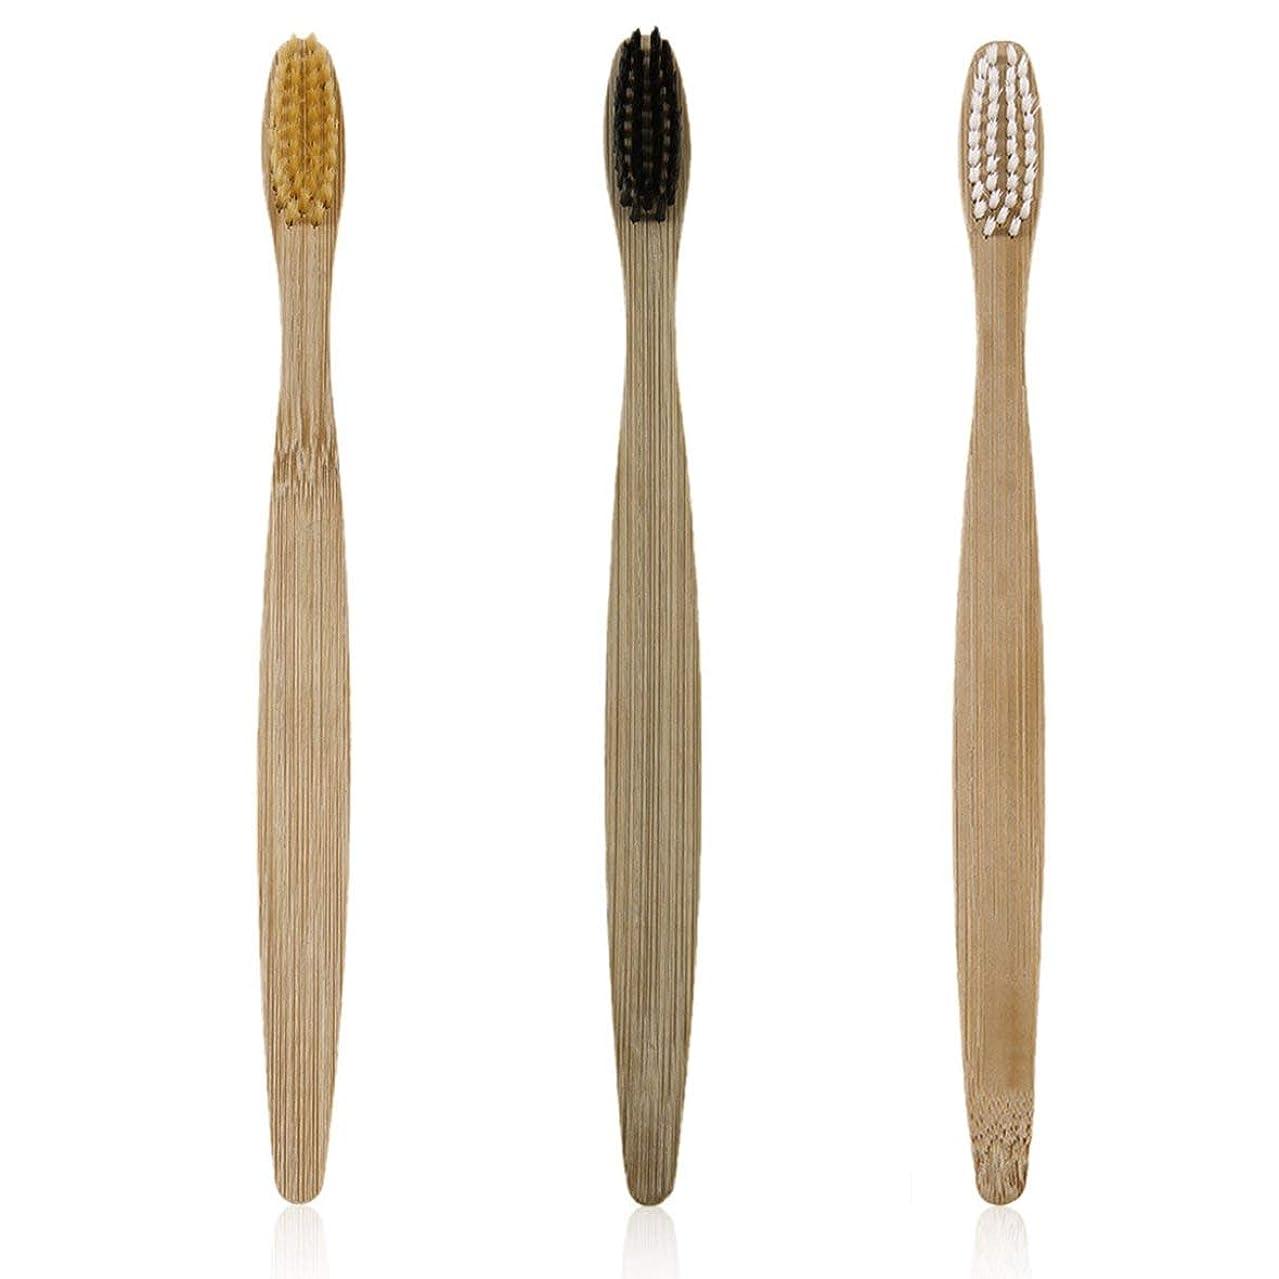 メーカーランチクラウドBlackfell 竹繊維の歯ブラシ環境に優しい木の歯ブラシ柔らかい竹繊維の木のハンドル低炭素環境に優しい